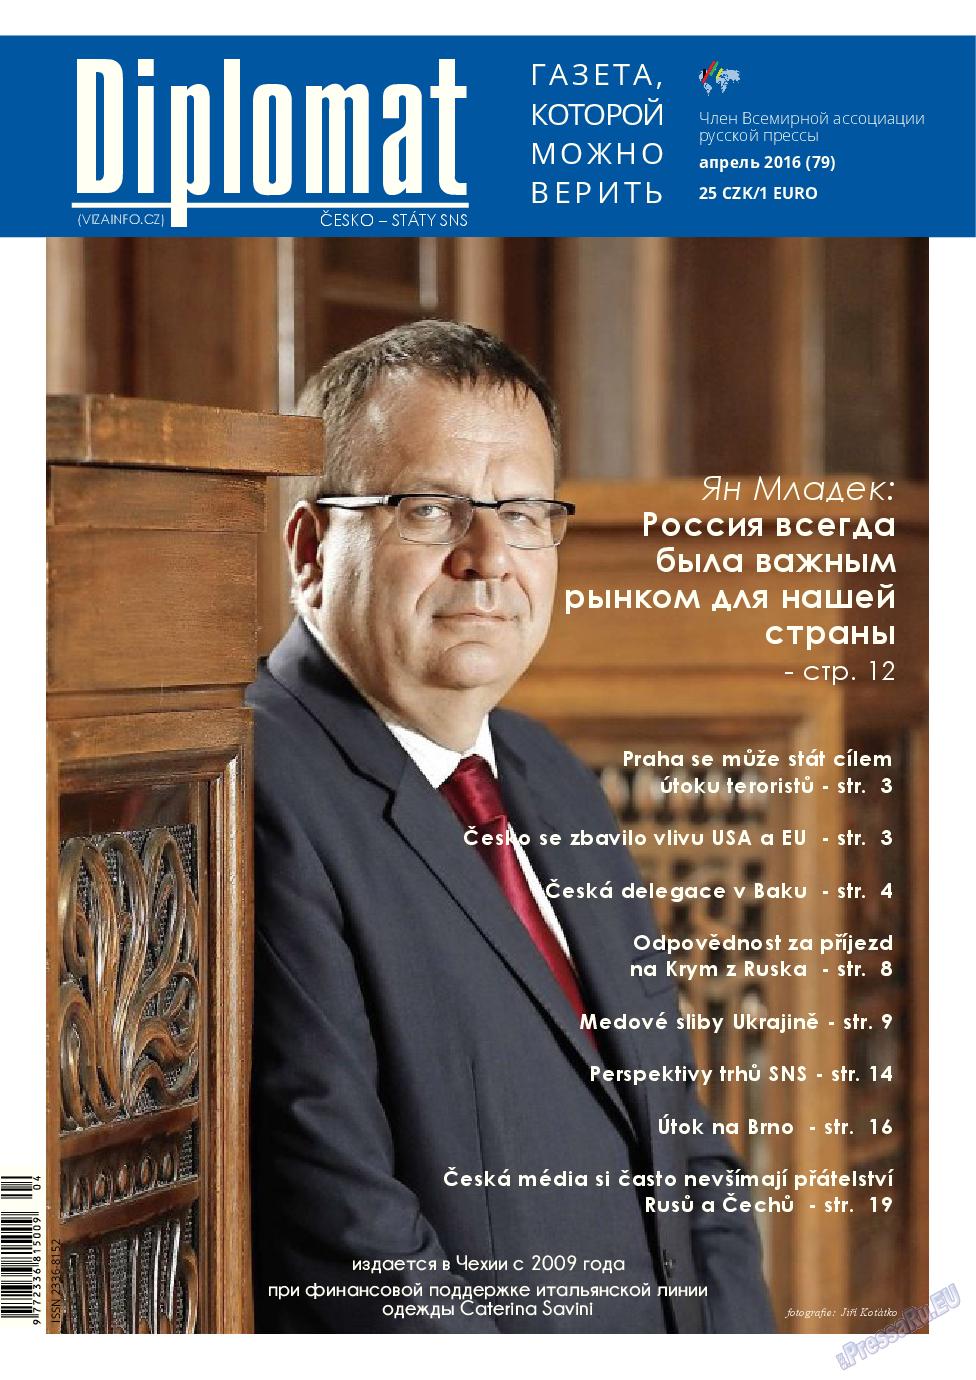 Diplomat (газета). 2016 год, номер 79, стр. 1